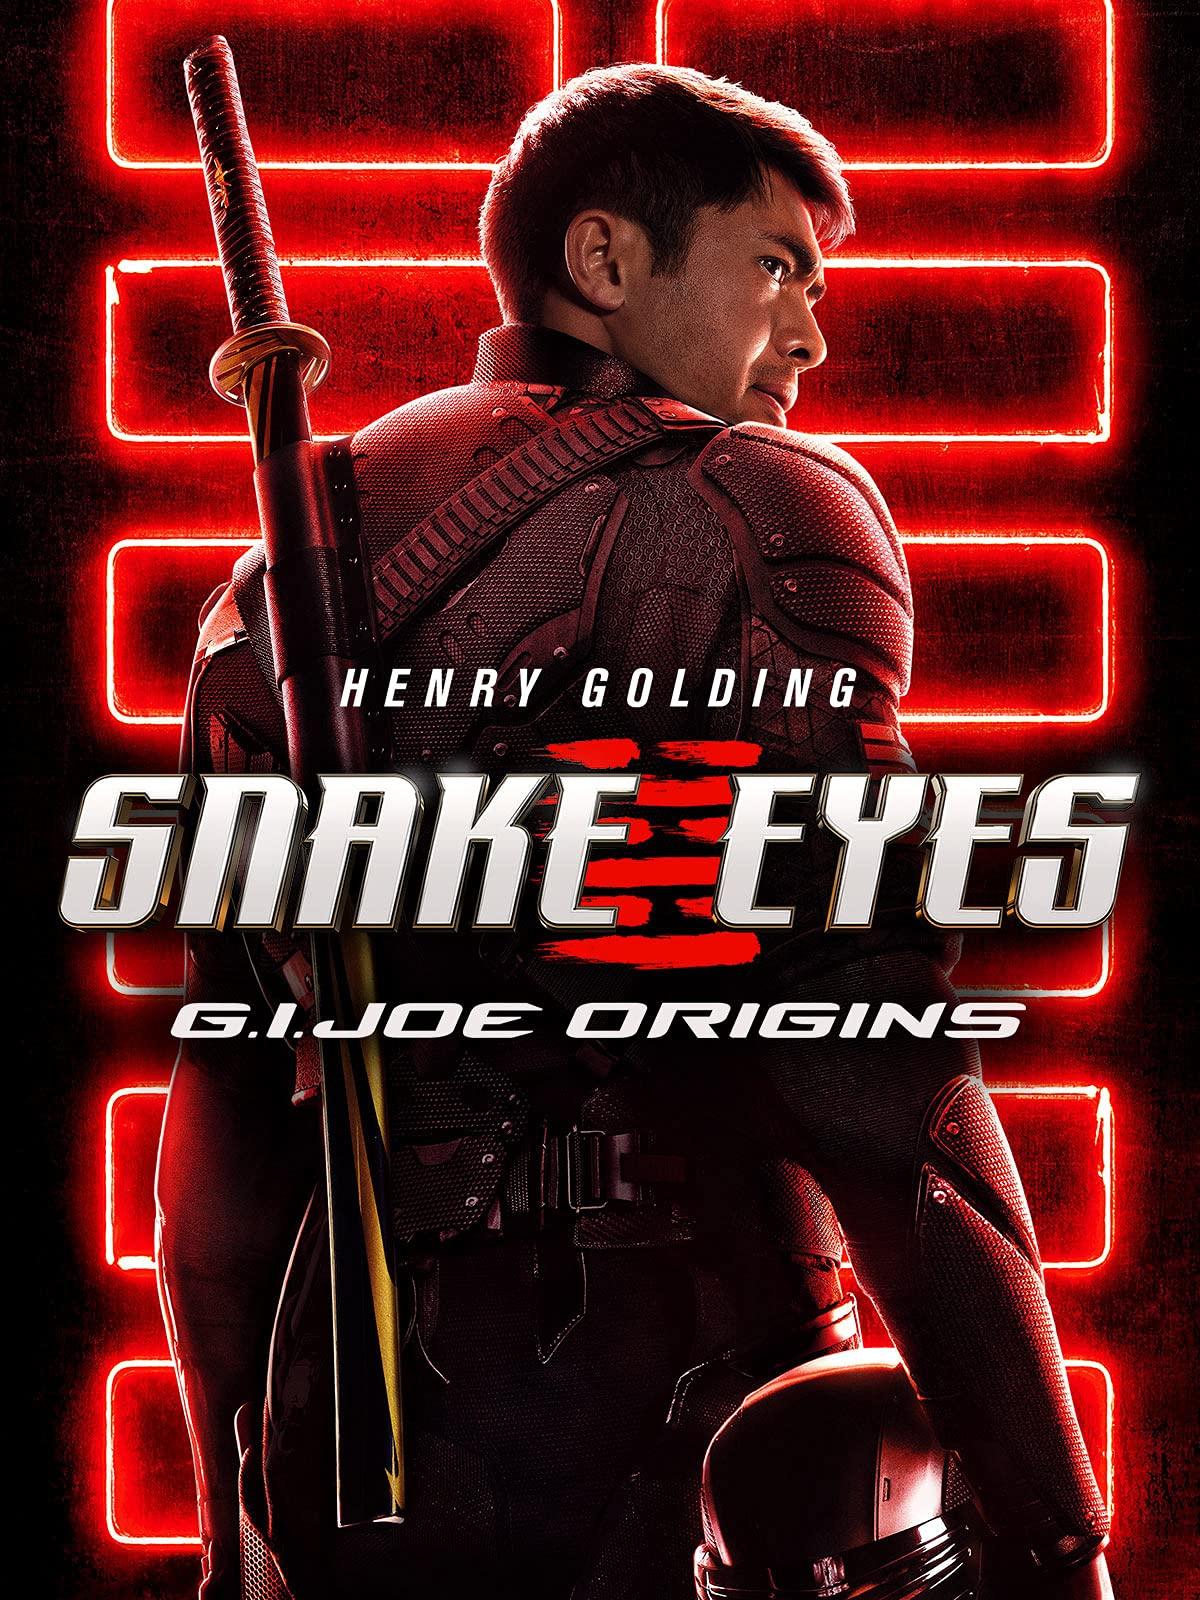 Watch Snake Eyes G I Joe Origins Prime Video